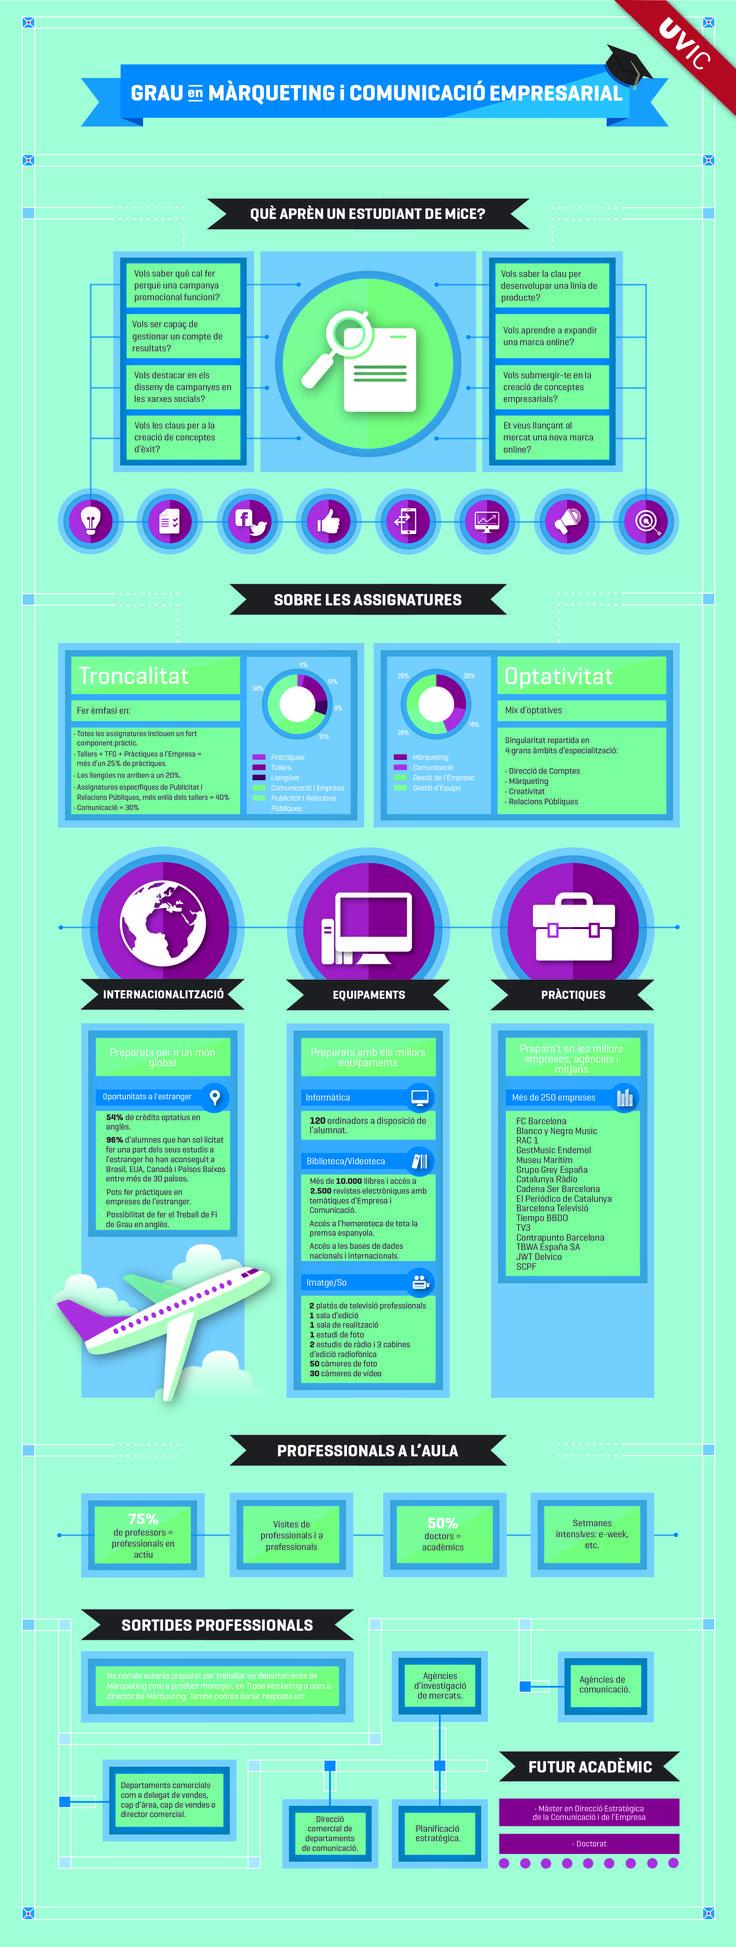 Grau en  Màrqueting i Comunicació Empresarial de la Universitat de Vic. #infografia #grau #màrqueting #marketing #comunicació #empresa #universitatdevic #uviclife